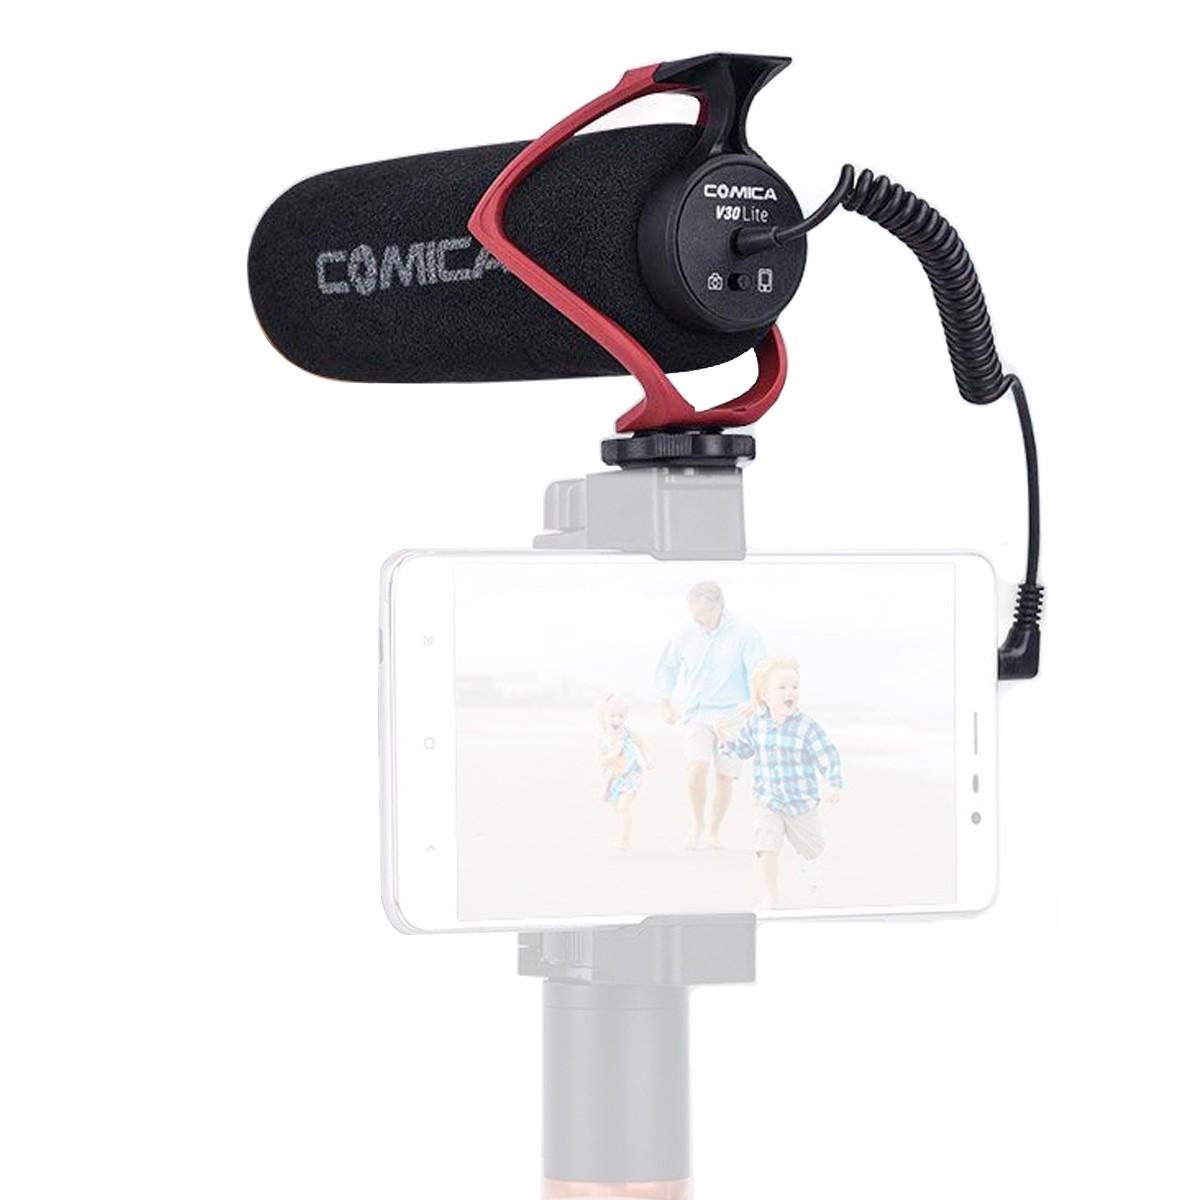 Microfone Shotgun Câmera ou Smartphone Comica CVMV30LITER